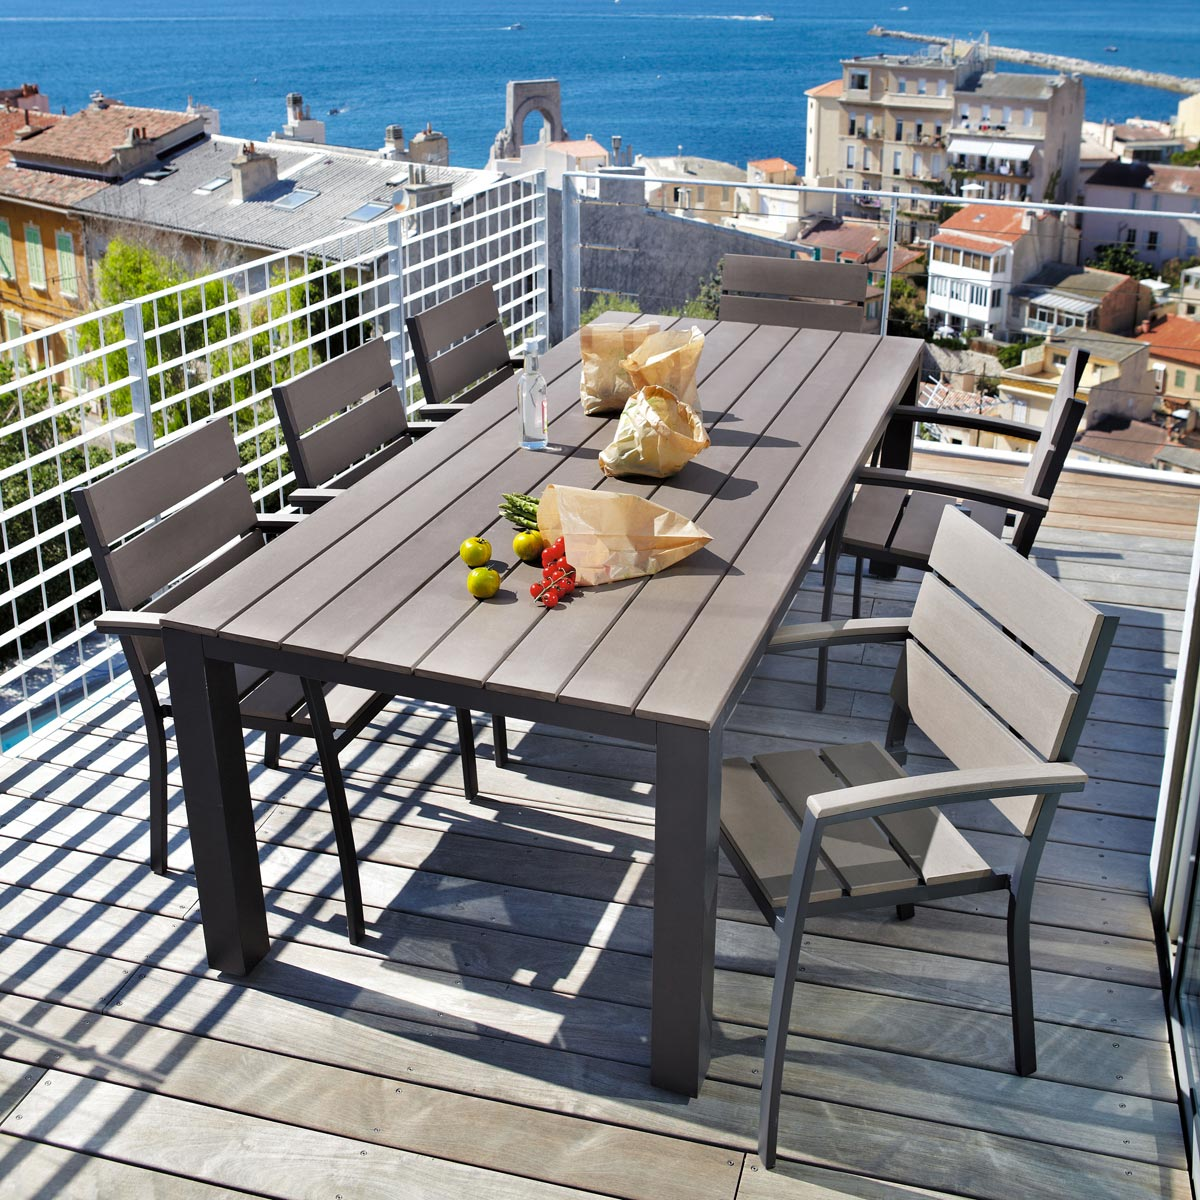 Table de salon de jardin maison du monde - Mailleraye.fr jardin